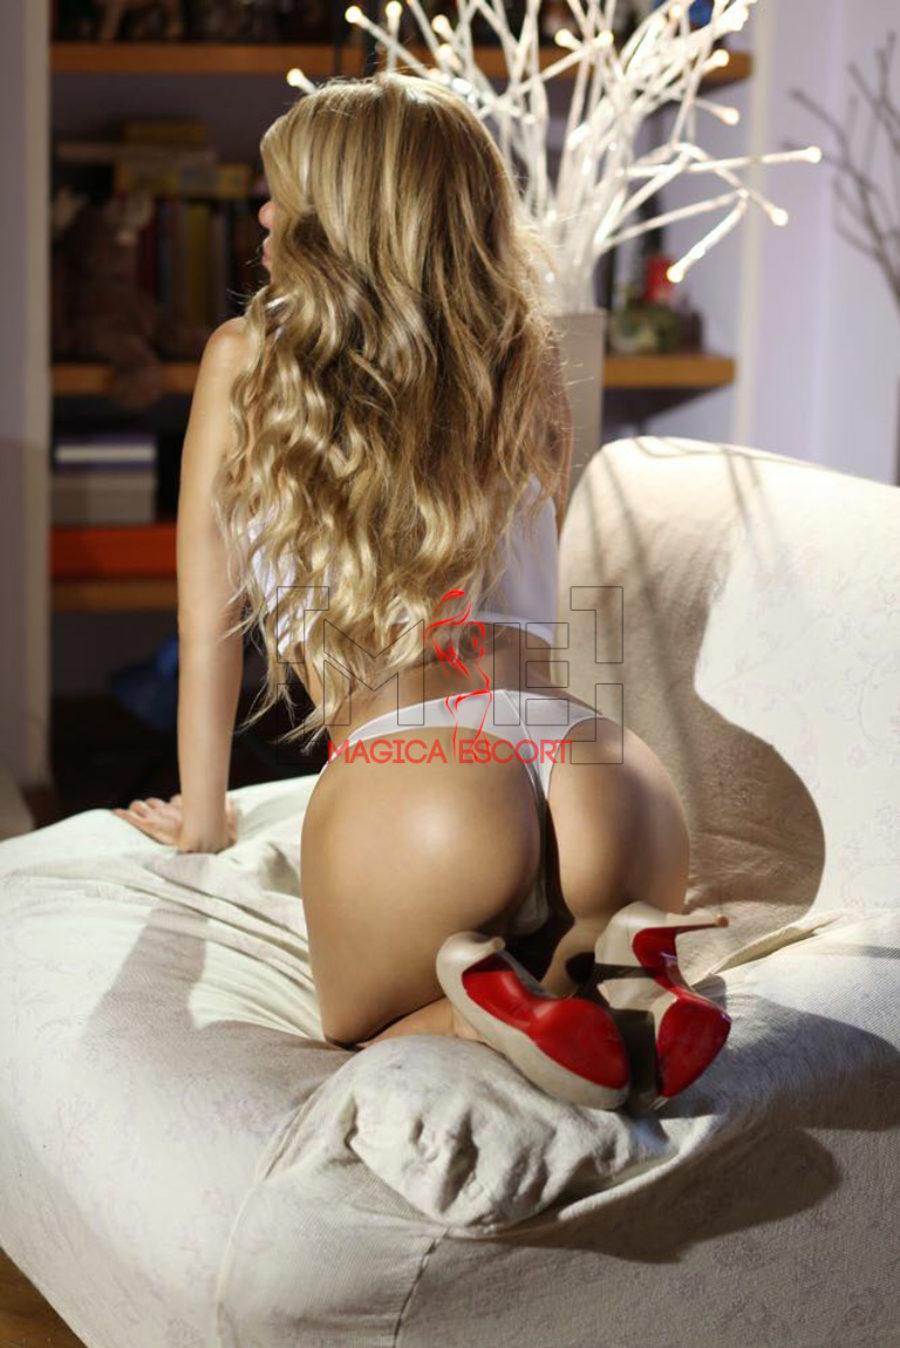 Veronika escort di lusso di Milano con una mutandina brasiliana che la rende provocante.